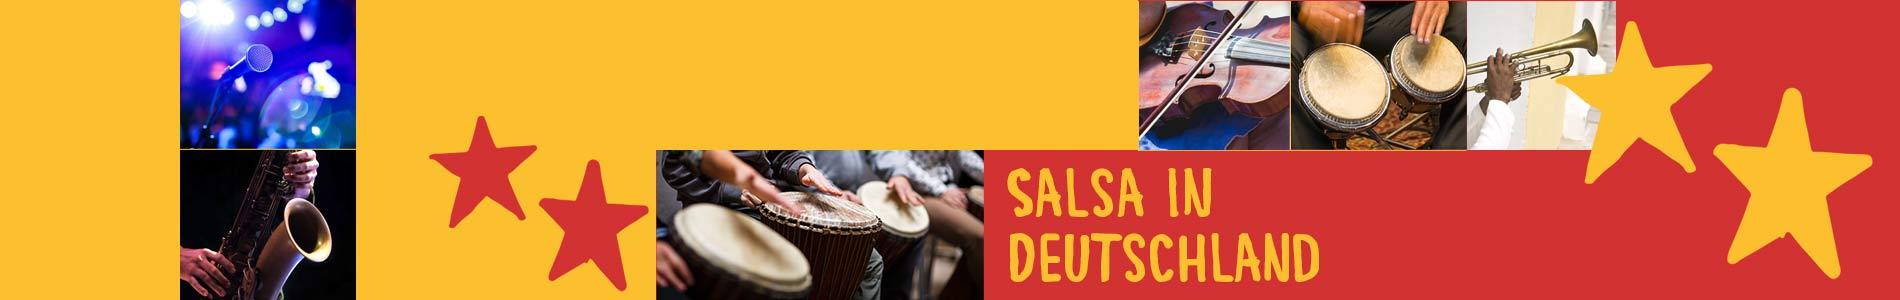 Salsa in Didderse – Salsa lernen und tanzen, Tanzkurse, Partys, Veranstaltungen